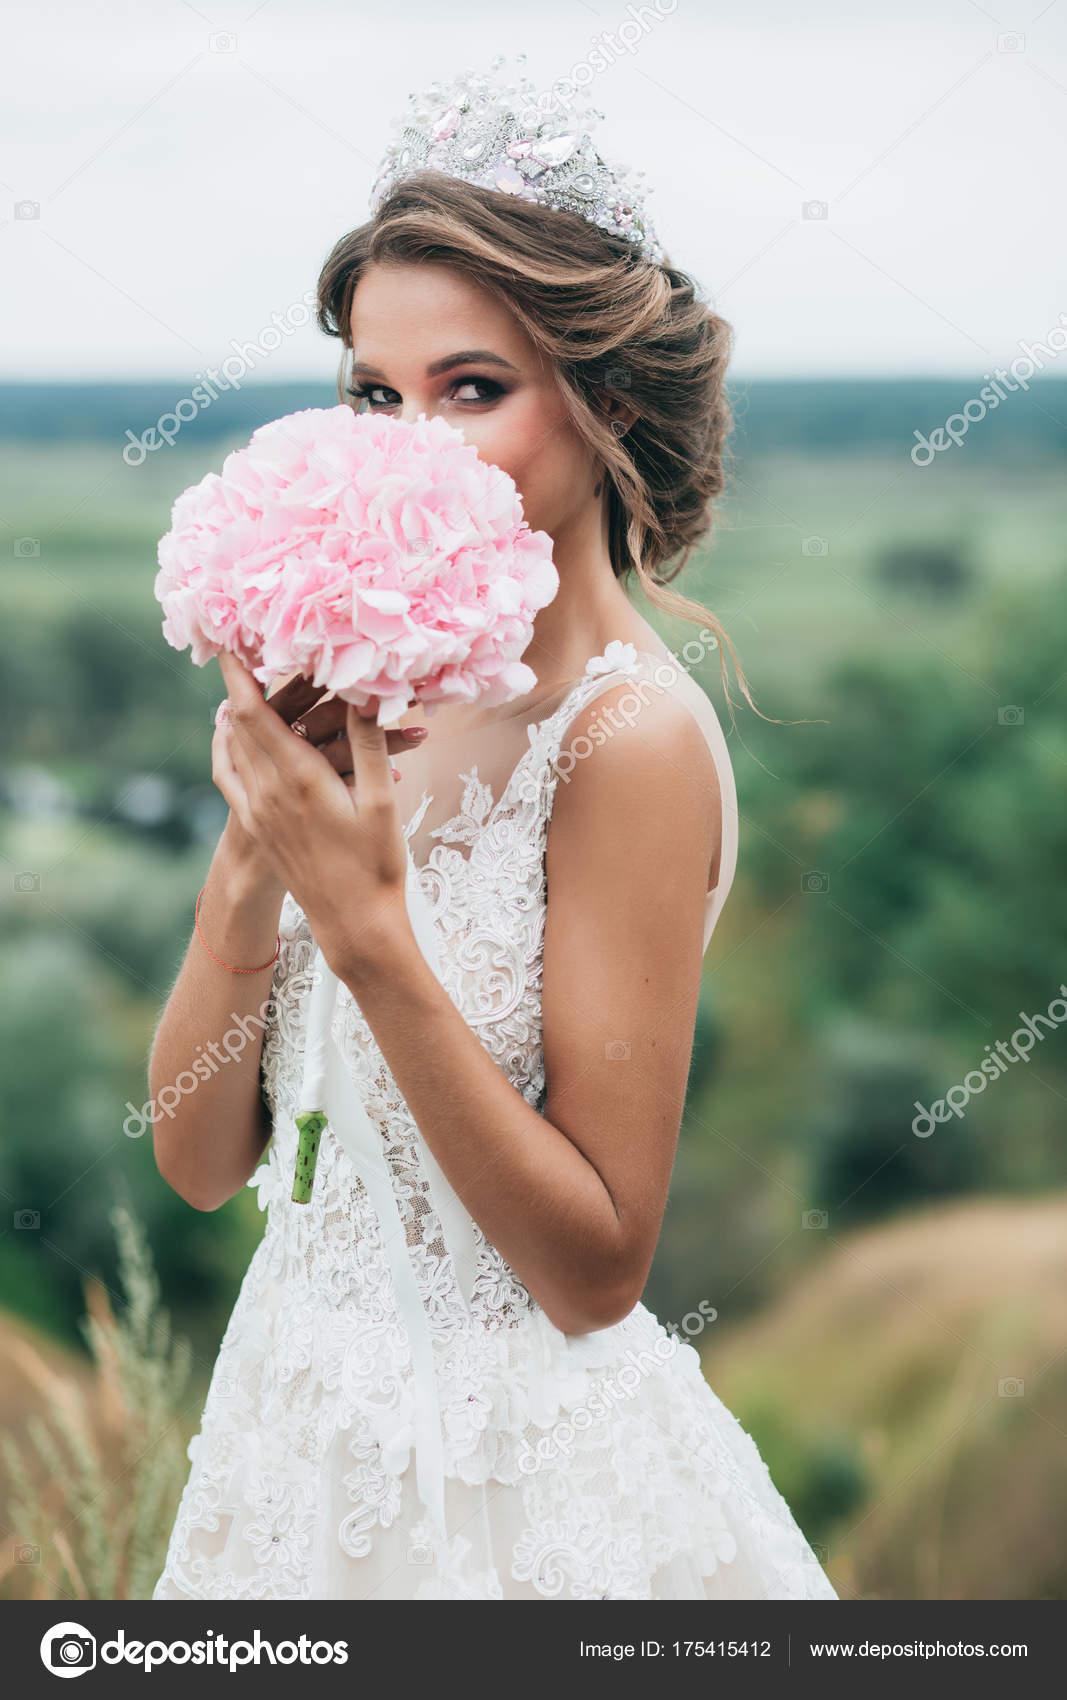 Die Braut Halt Einen Hochzeitsstrauss Von Hortensien Und Steht Auf